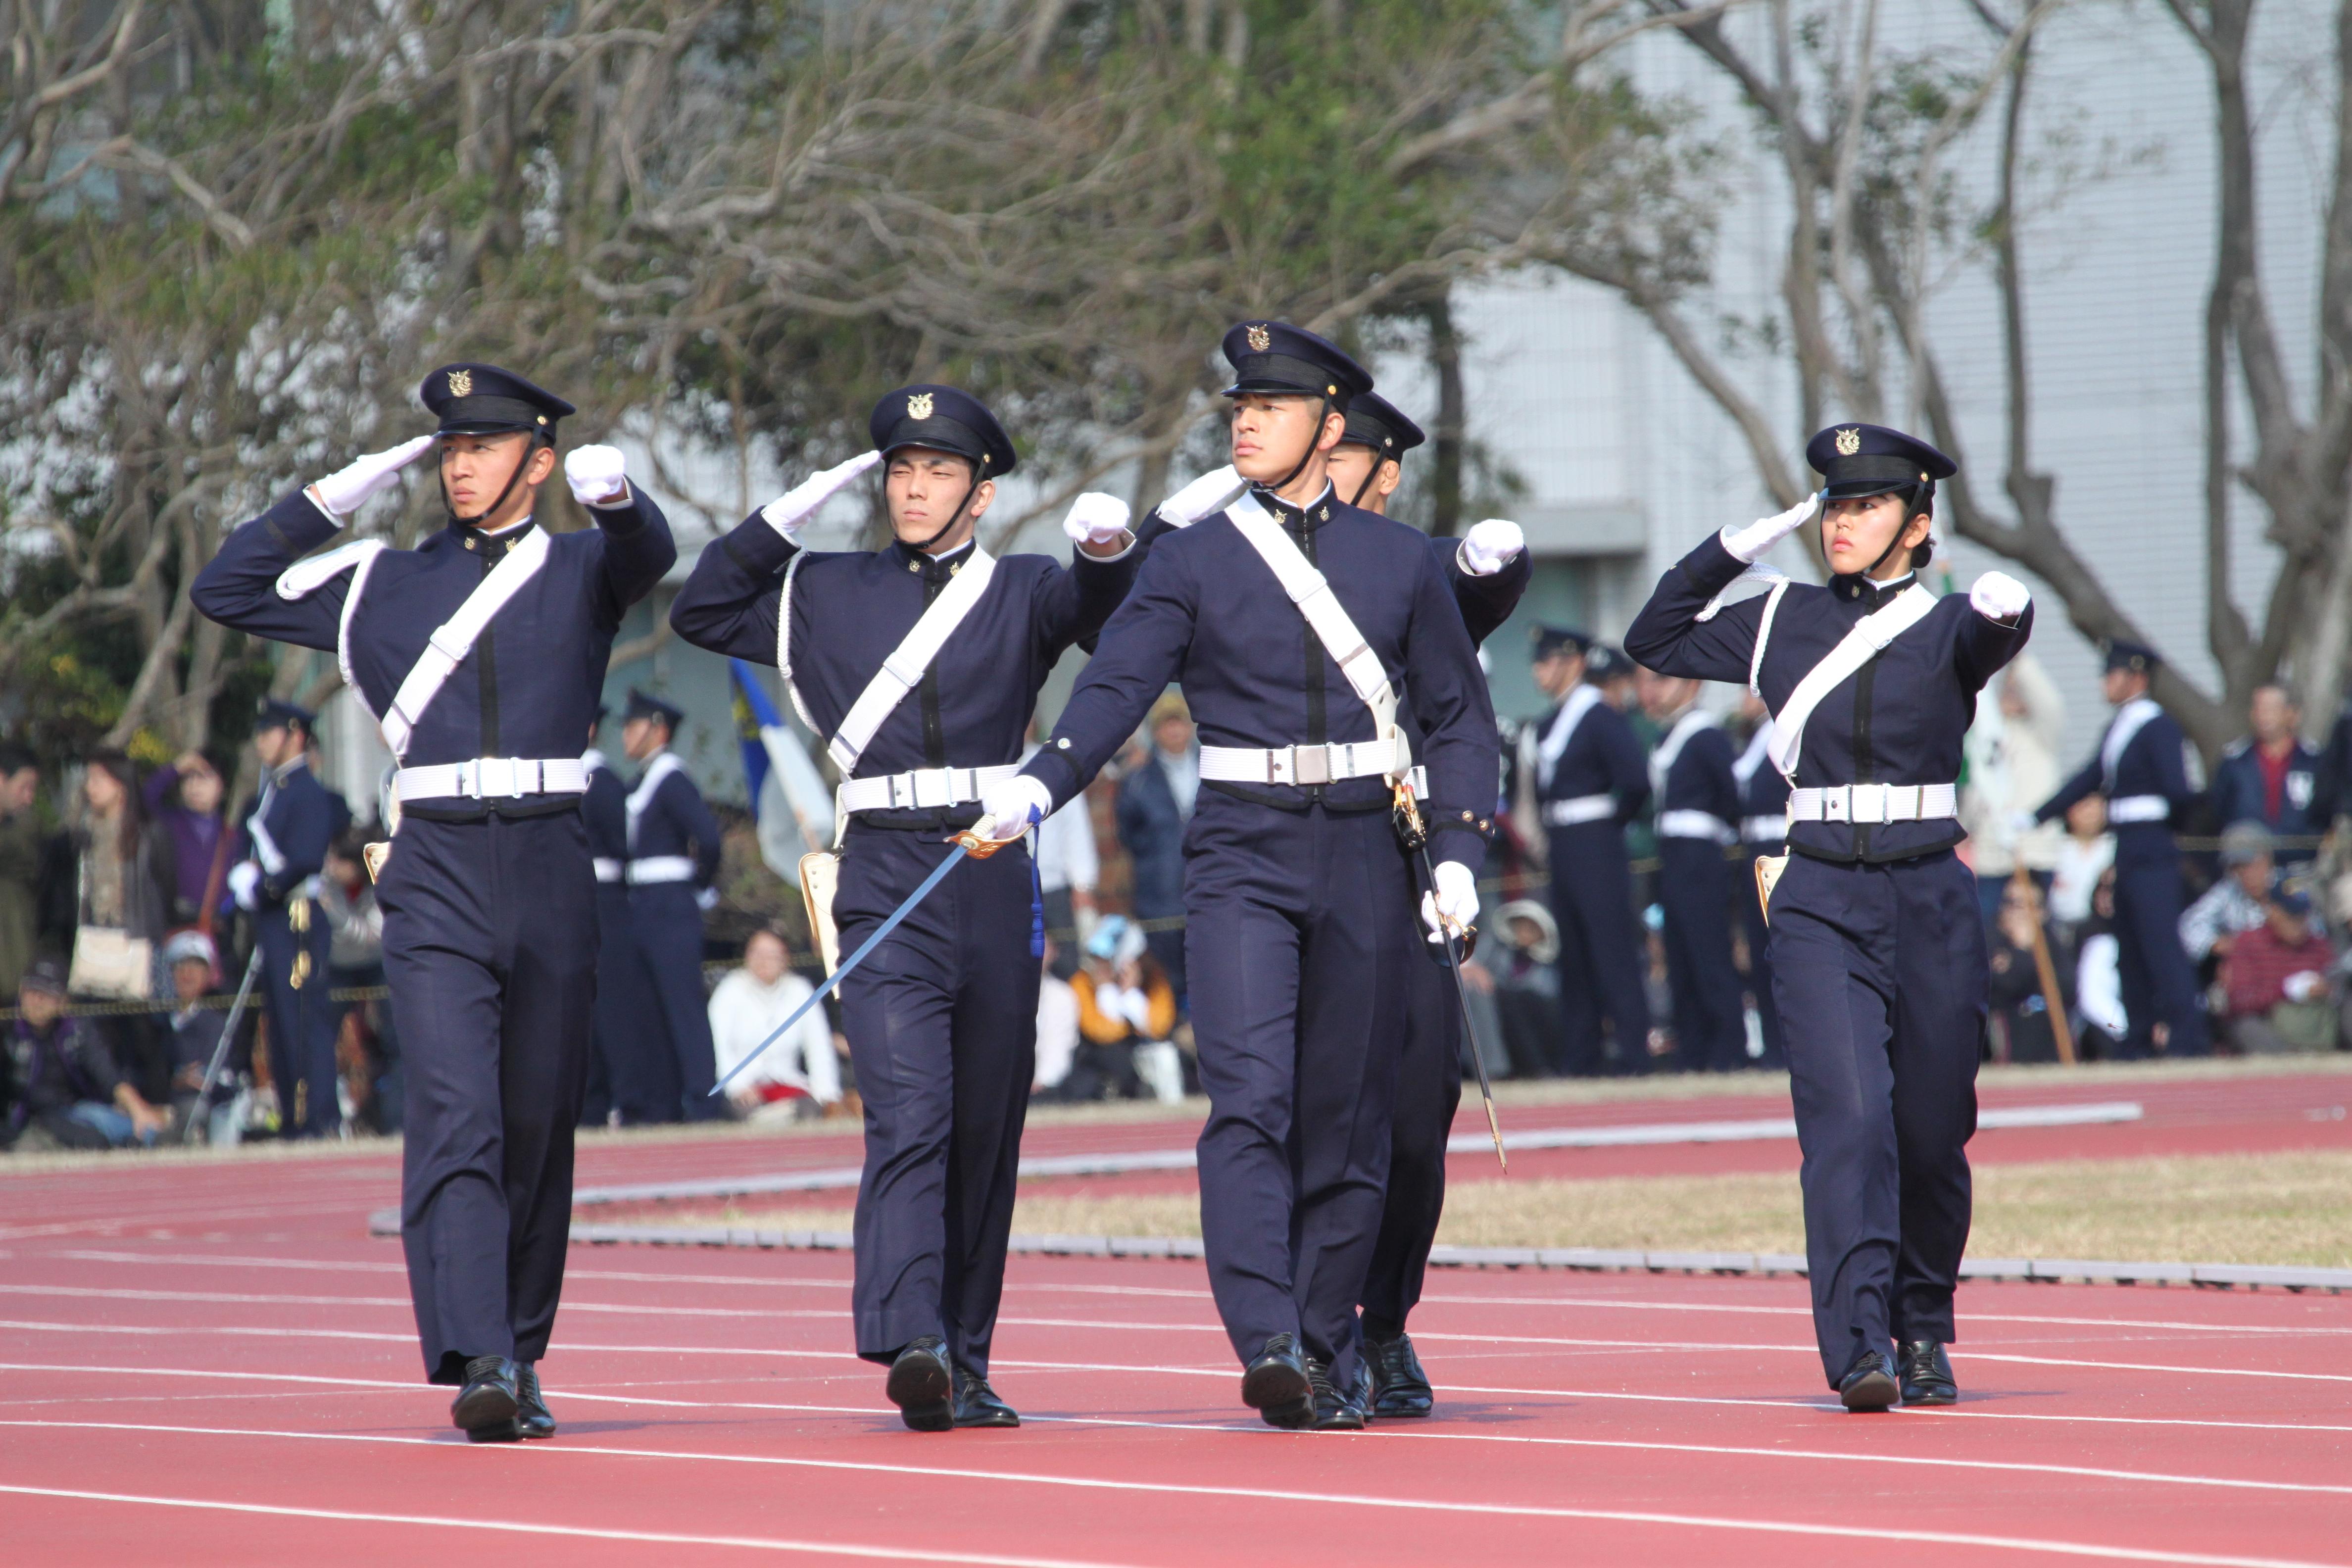 こちらの制服は、以前は陸上自衛隊の制服とほぼ同じで、陸上自衛隊の場合はネクタイが緑、高等工科学校(当時の学校名は「少年工科学校」)はネクタイが赤、という違い